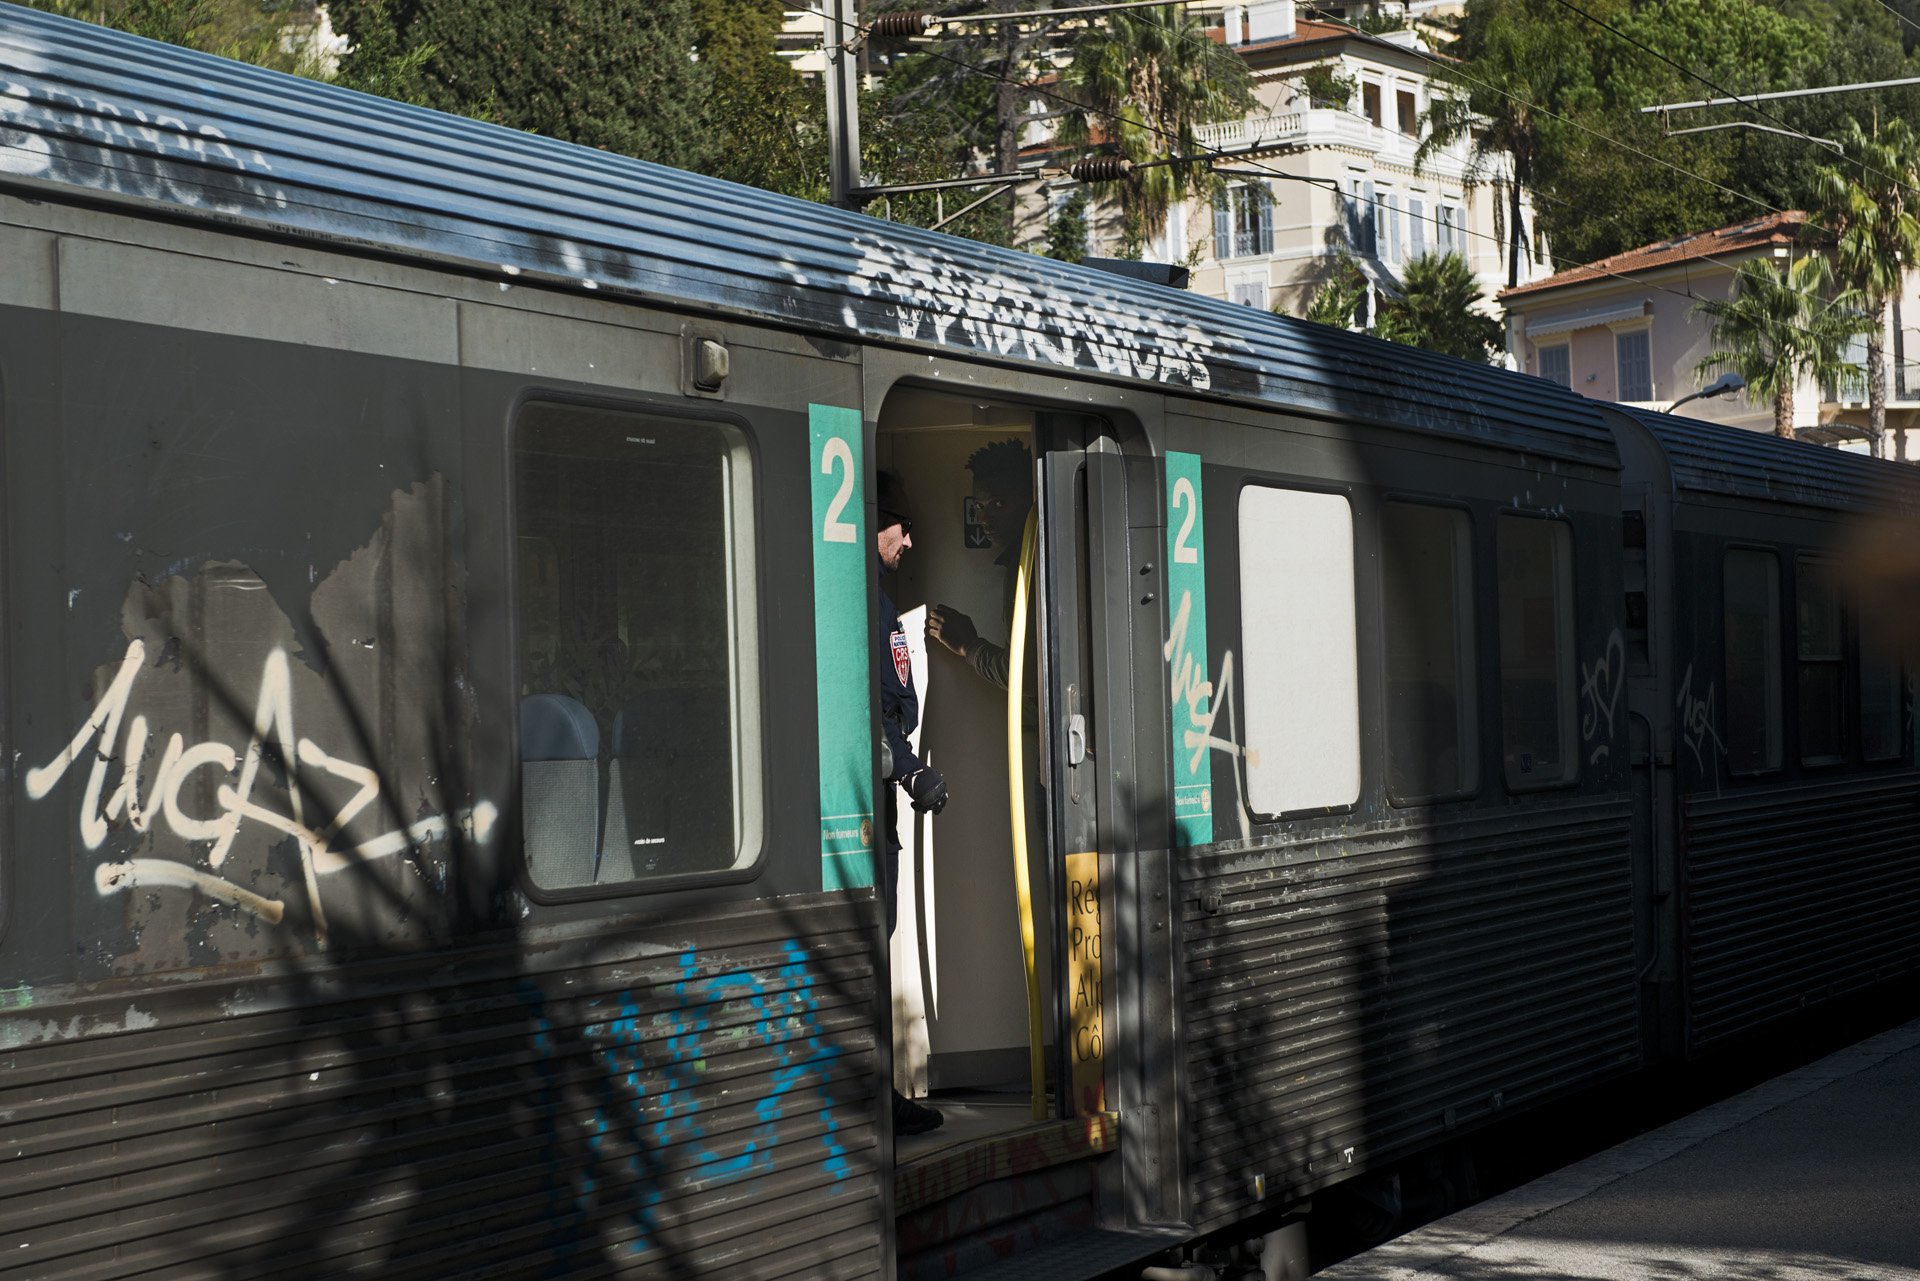 Le contrôle de la frontière se fait côté français. Tous les trains en provenance d'Italie sont arrêtés à la gare de Menton-Garavan. Des CRS passent de wagon en wagon à la recherche de migrants potentiels. Un jeune Soudanais qui avait tenté de se cacher dans les toilettes vient d'être repéré. Il sera sorti du train comme cinq autres passagers.